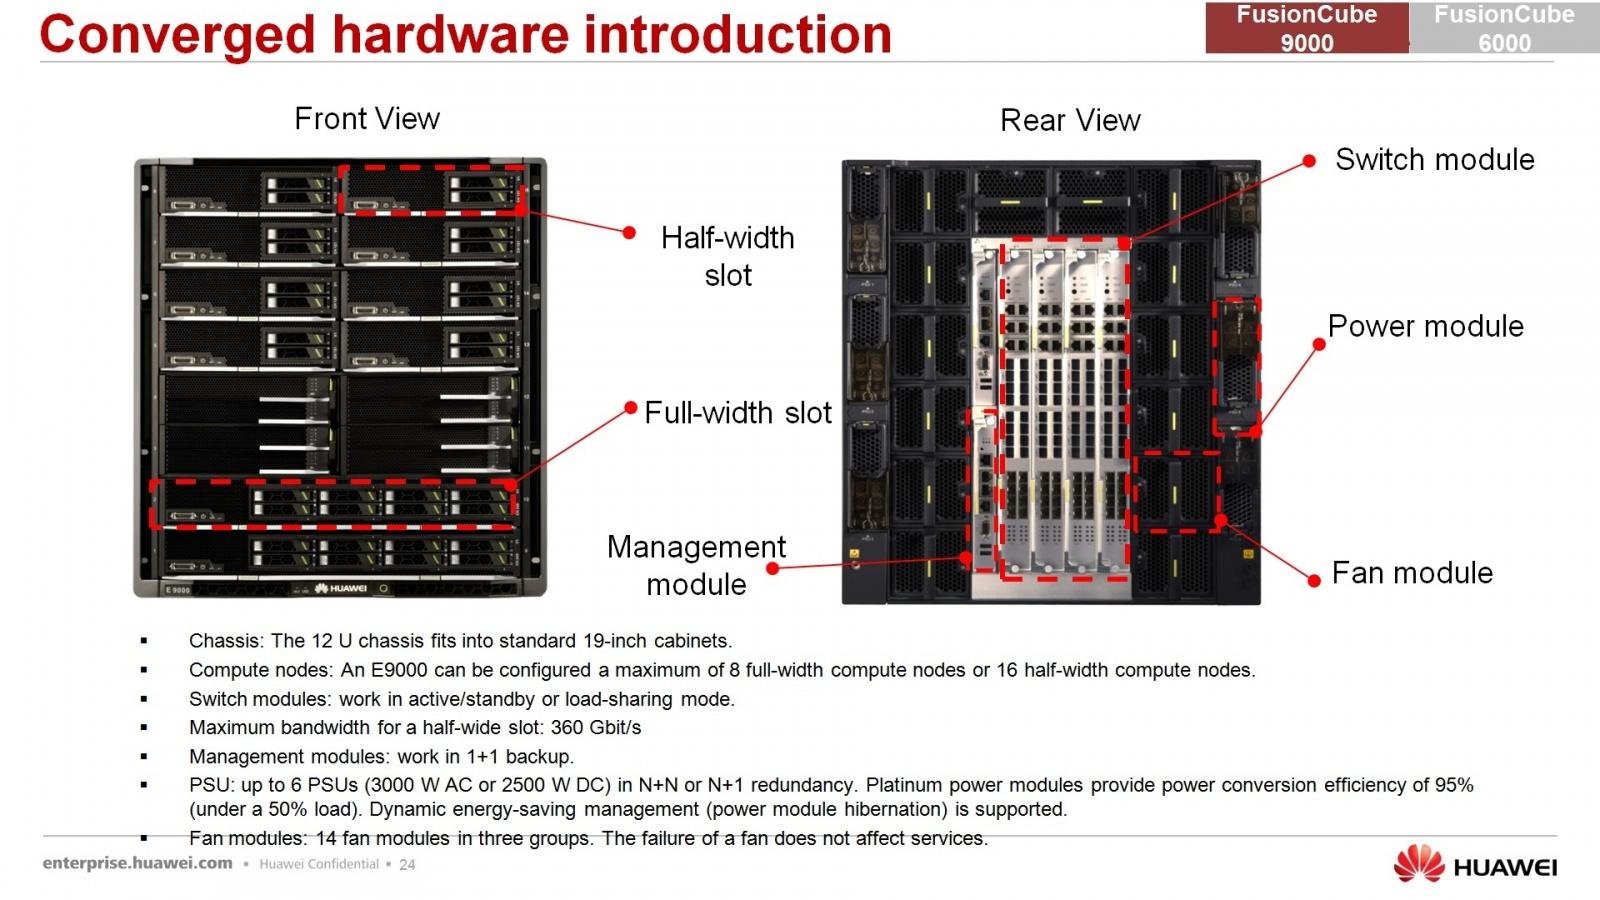 Гипер-конвергентное решение – FusionCube и FusionSphere Openstack для провайдера облачной услуги - 22